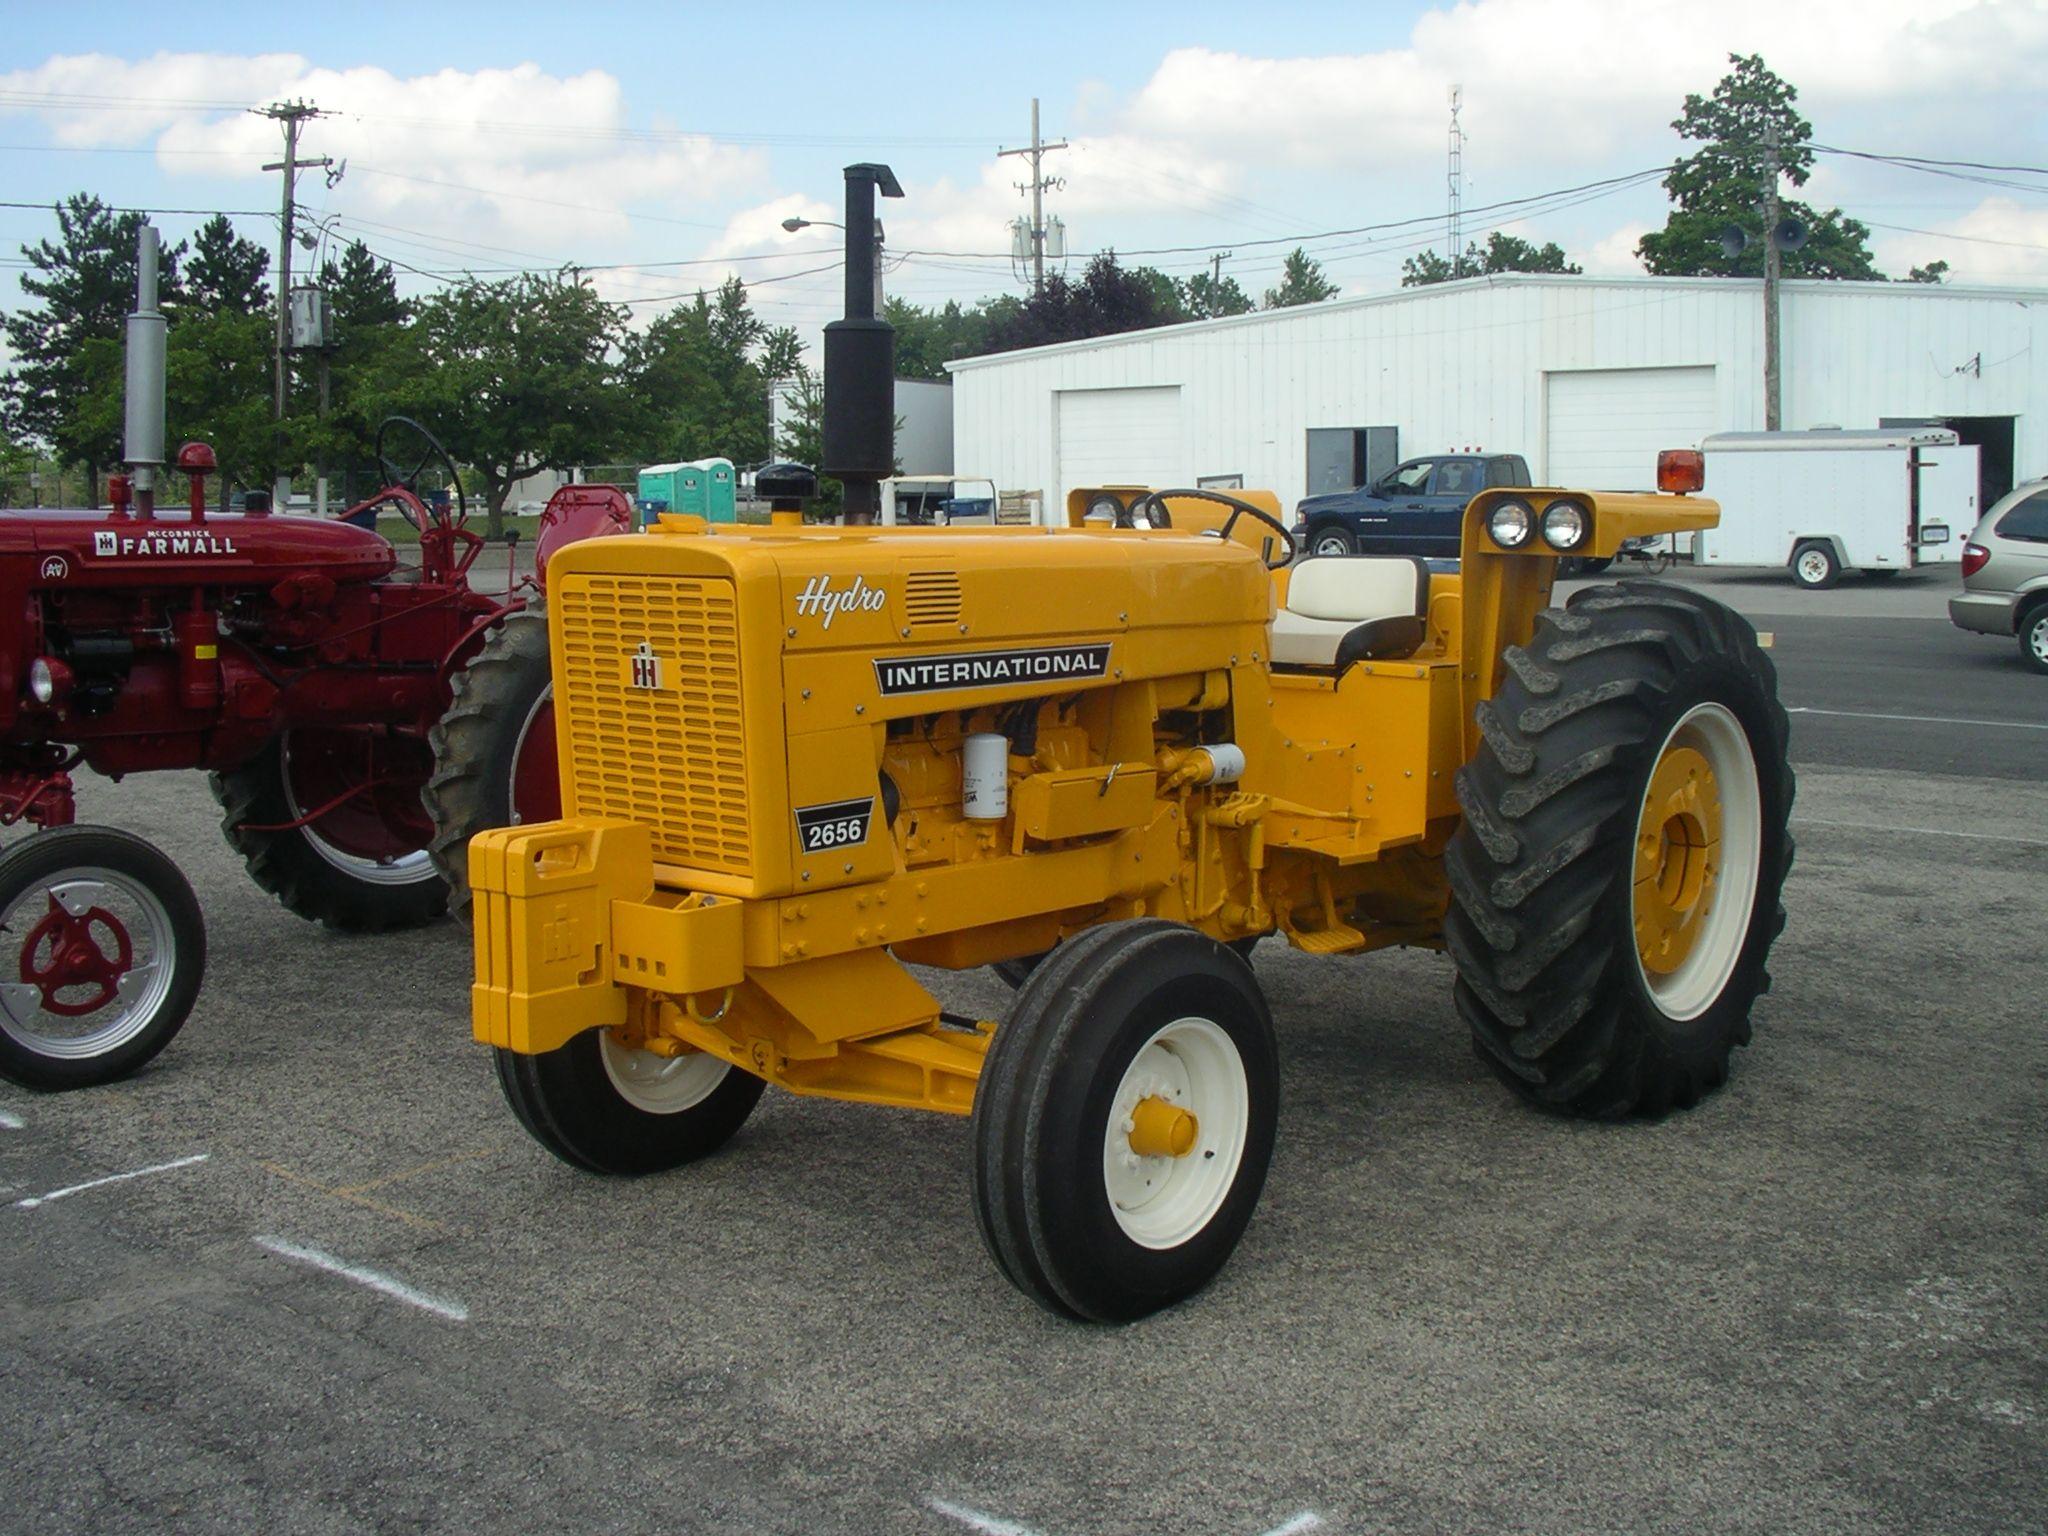 Ih 2656 Industrial Lima Oh Rpru 2013 Landmaschinen Traktoren